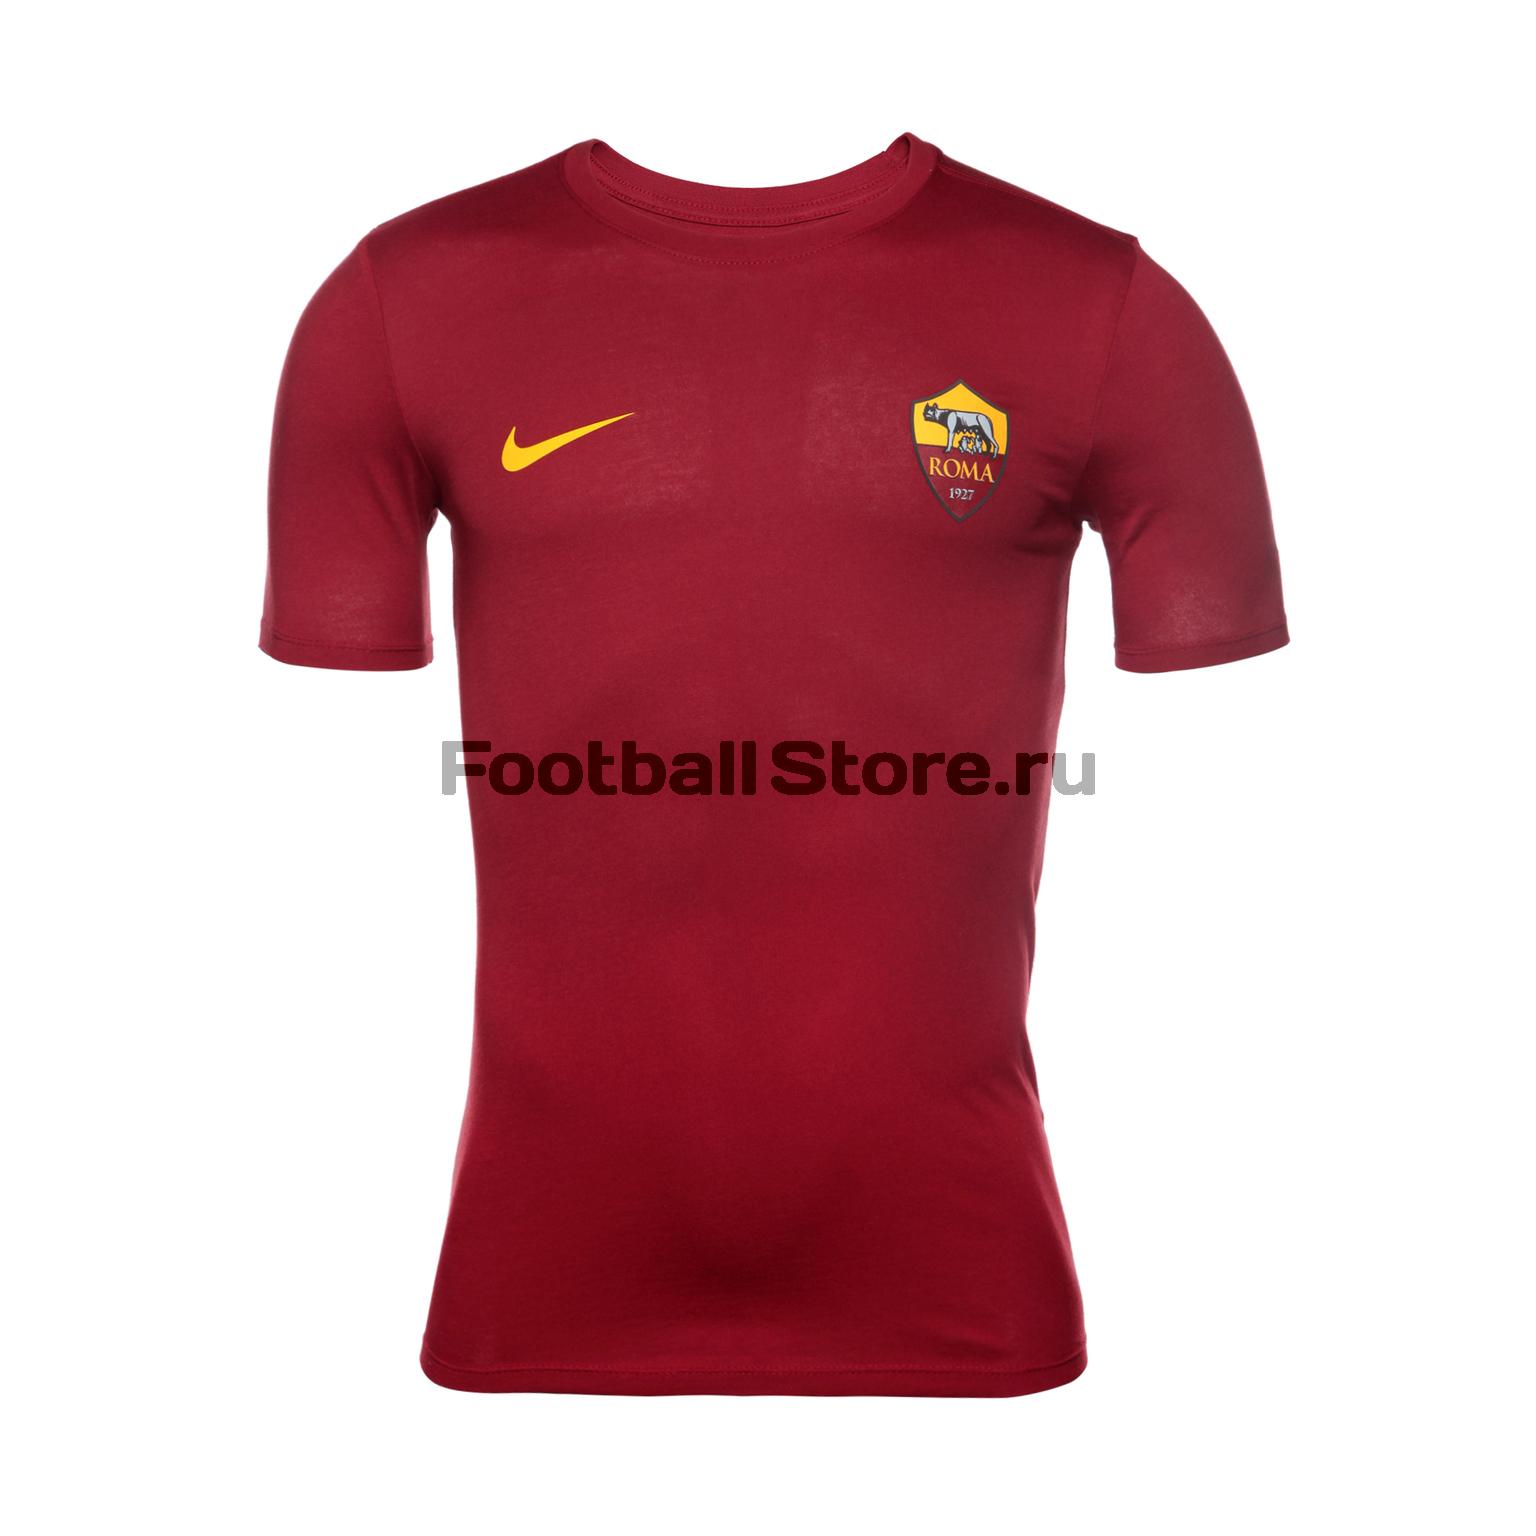 Roma Nike Футболка Nike Roma Tee Crest 888804-613 футболка jslv футболка life tee